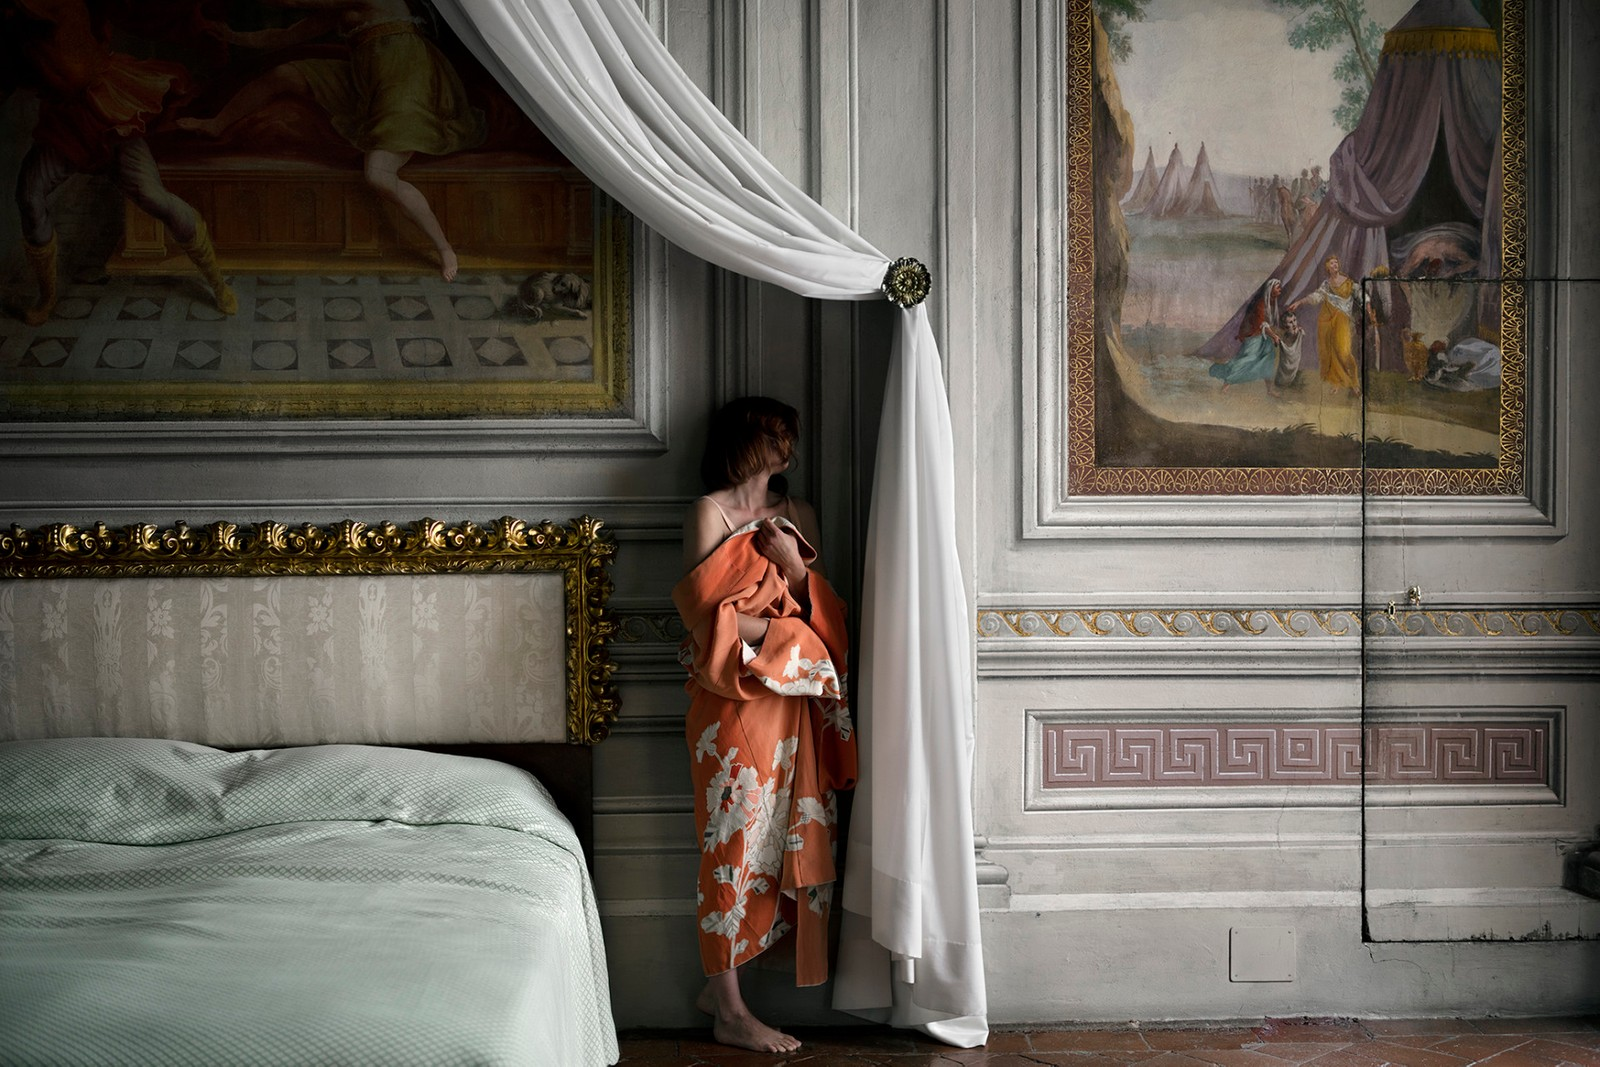 """THE BEDROOM: """"Hvem er du når ingen ser deg?"""" er at av temaene i utstillingen """"The Woman Who Never Existed""""."""